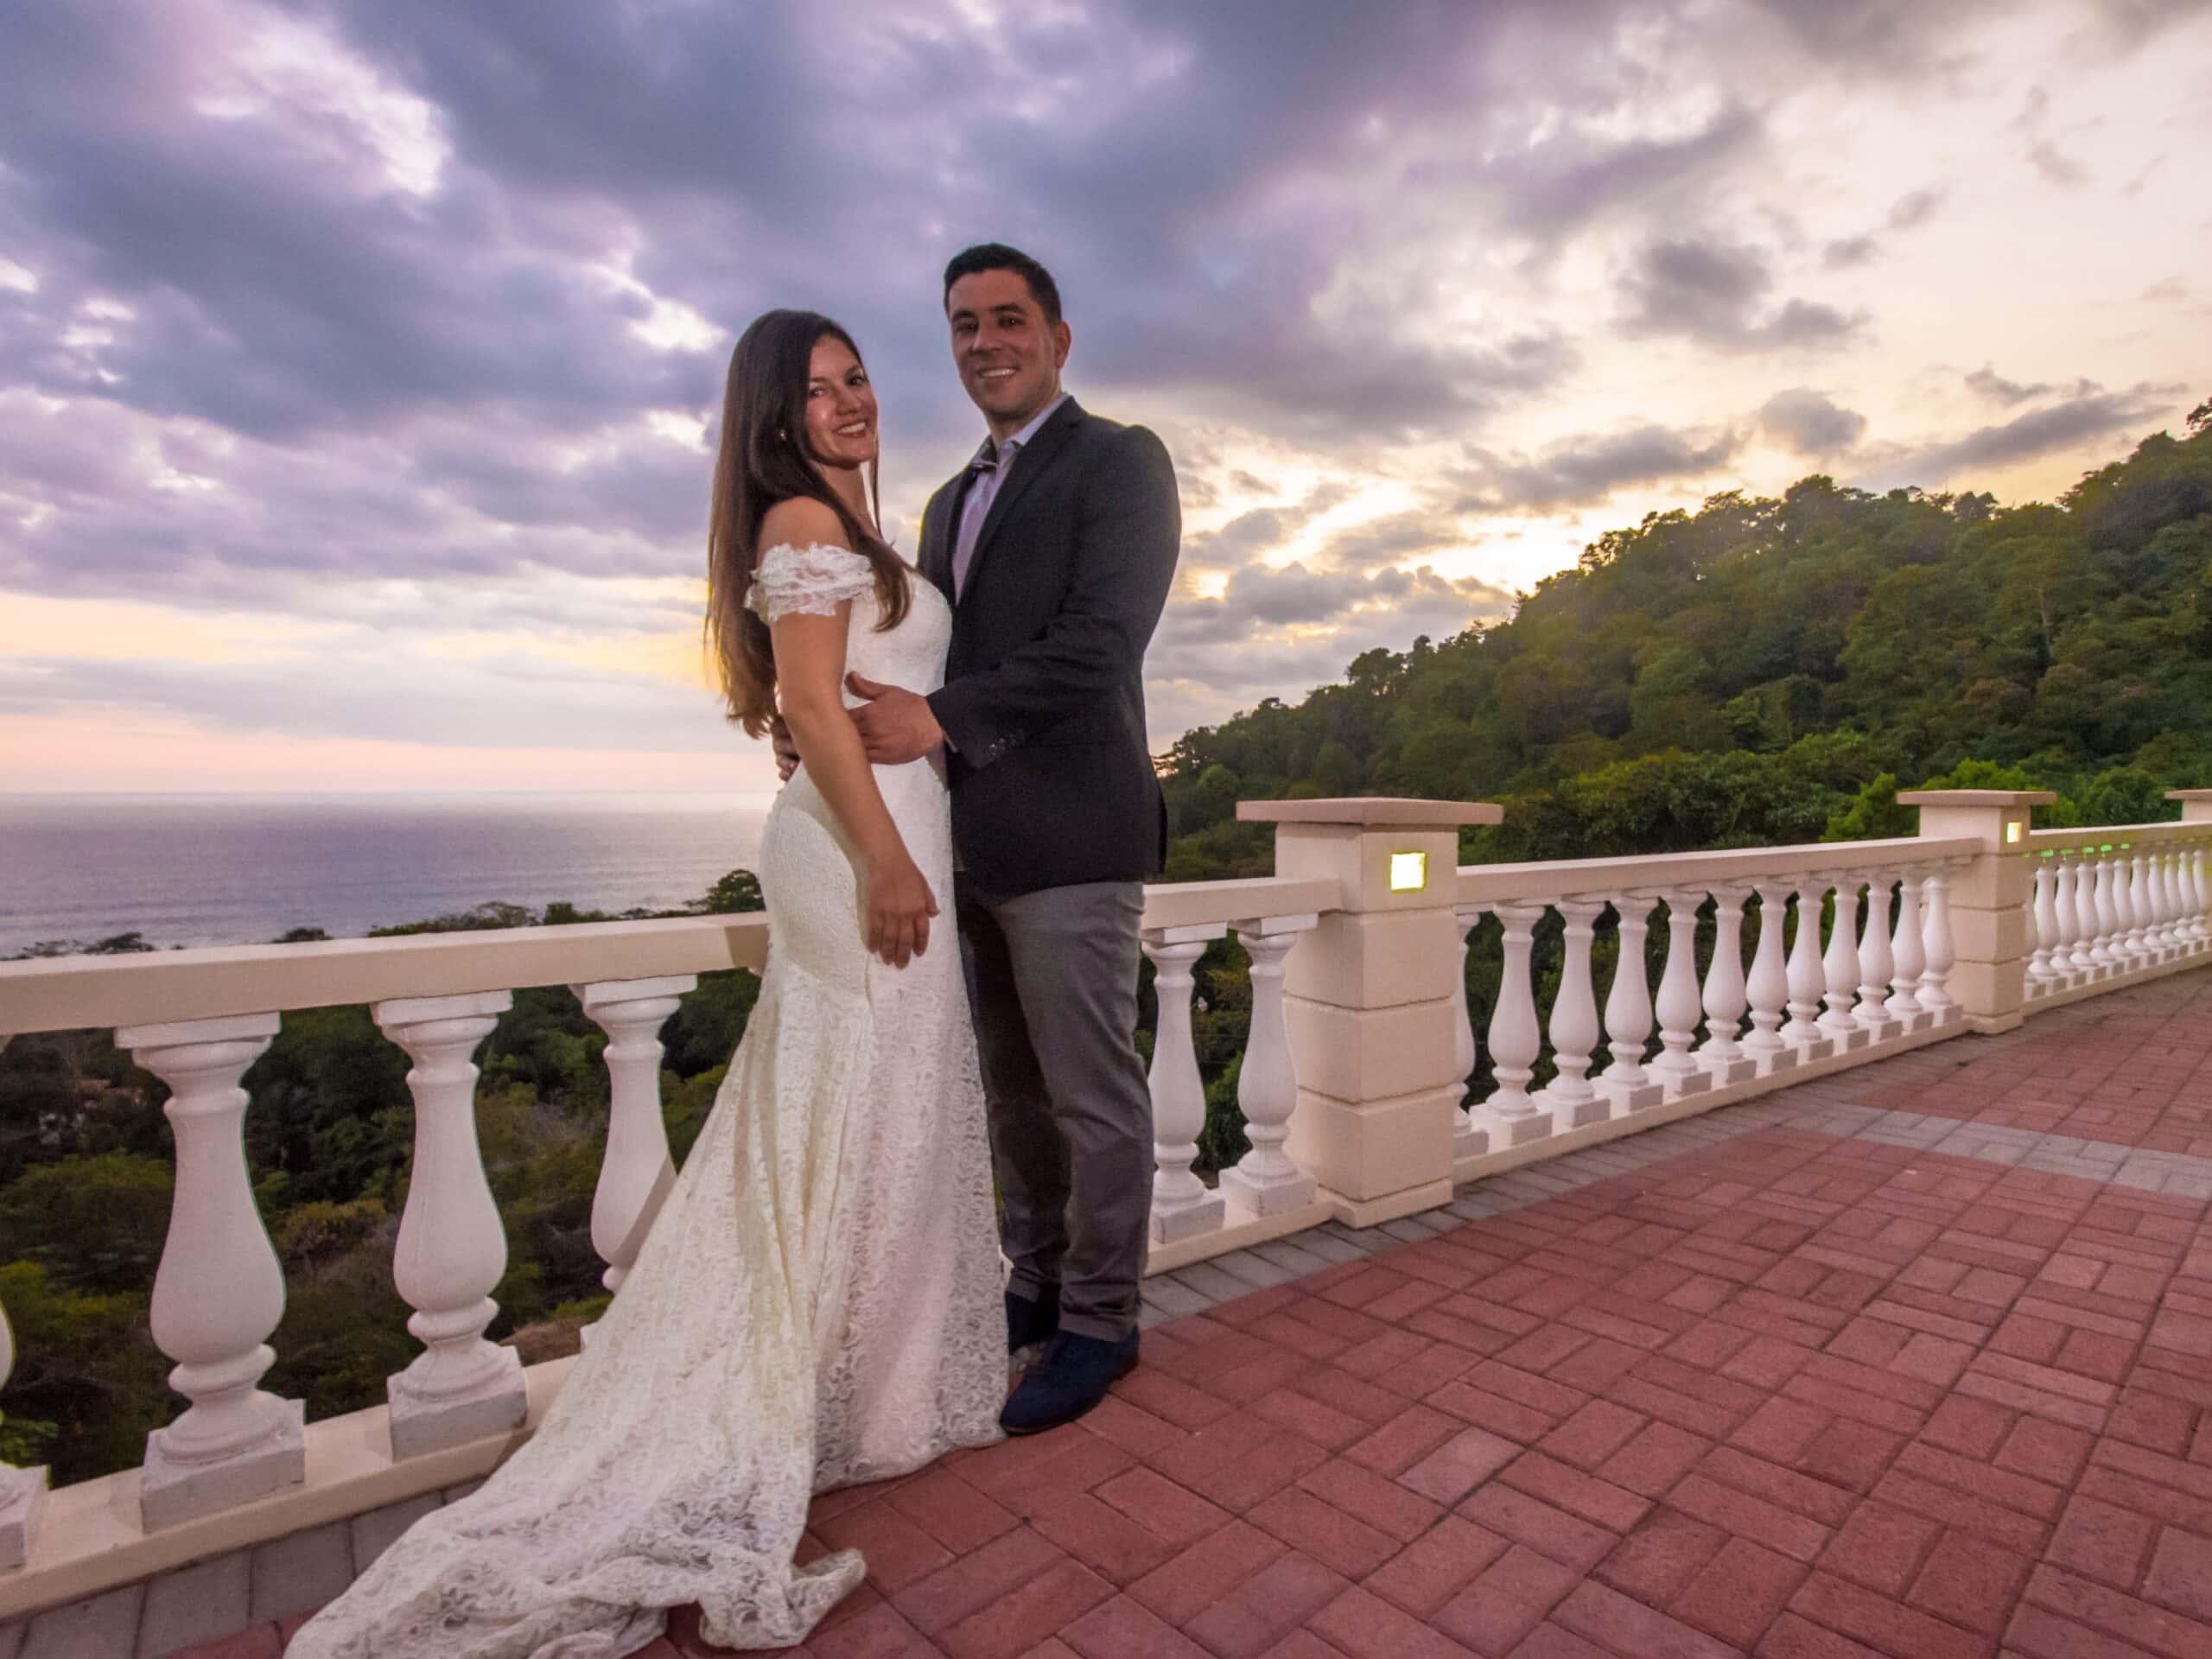 ROYALE WEDDINGS